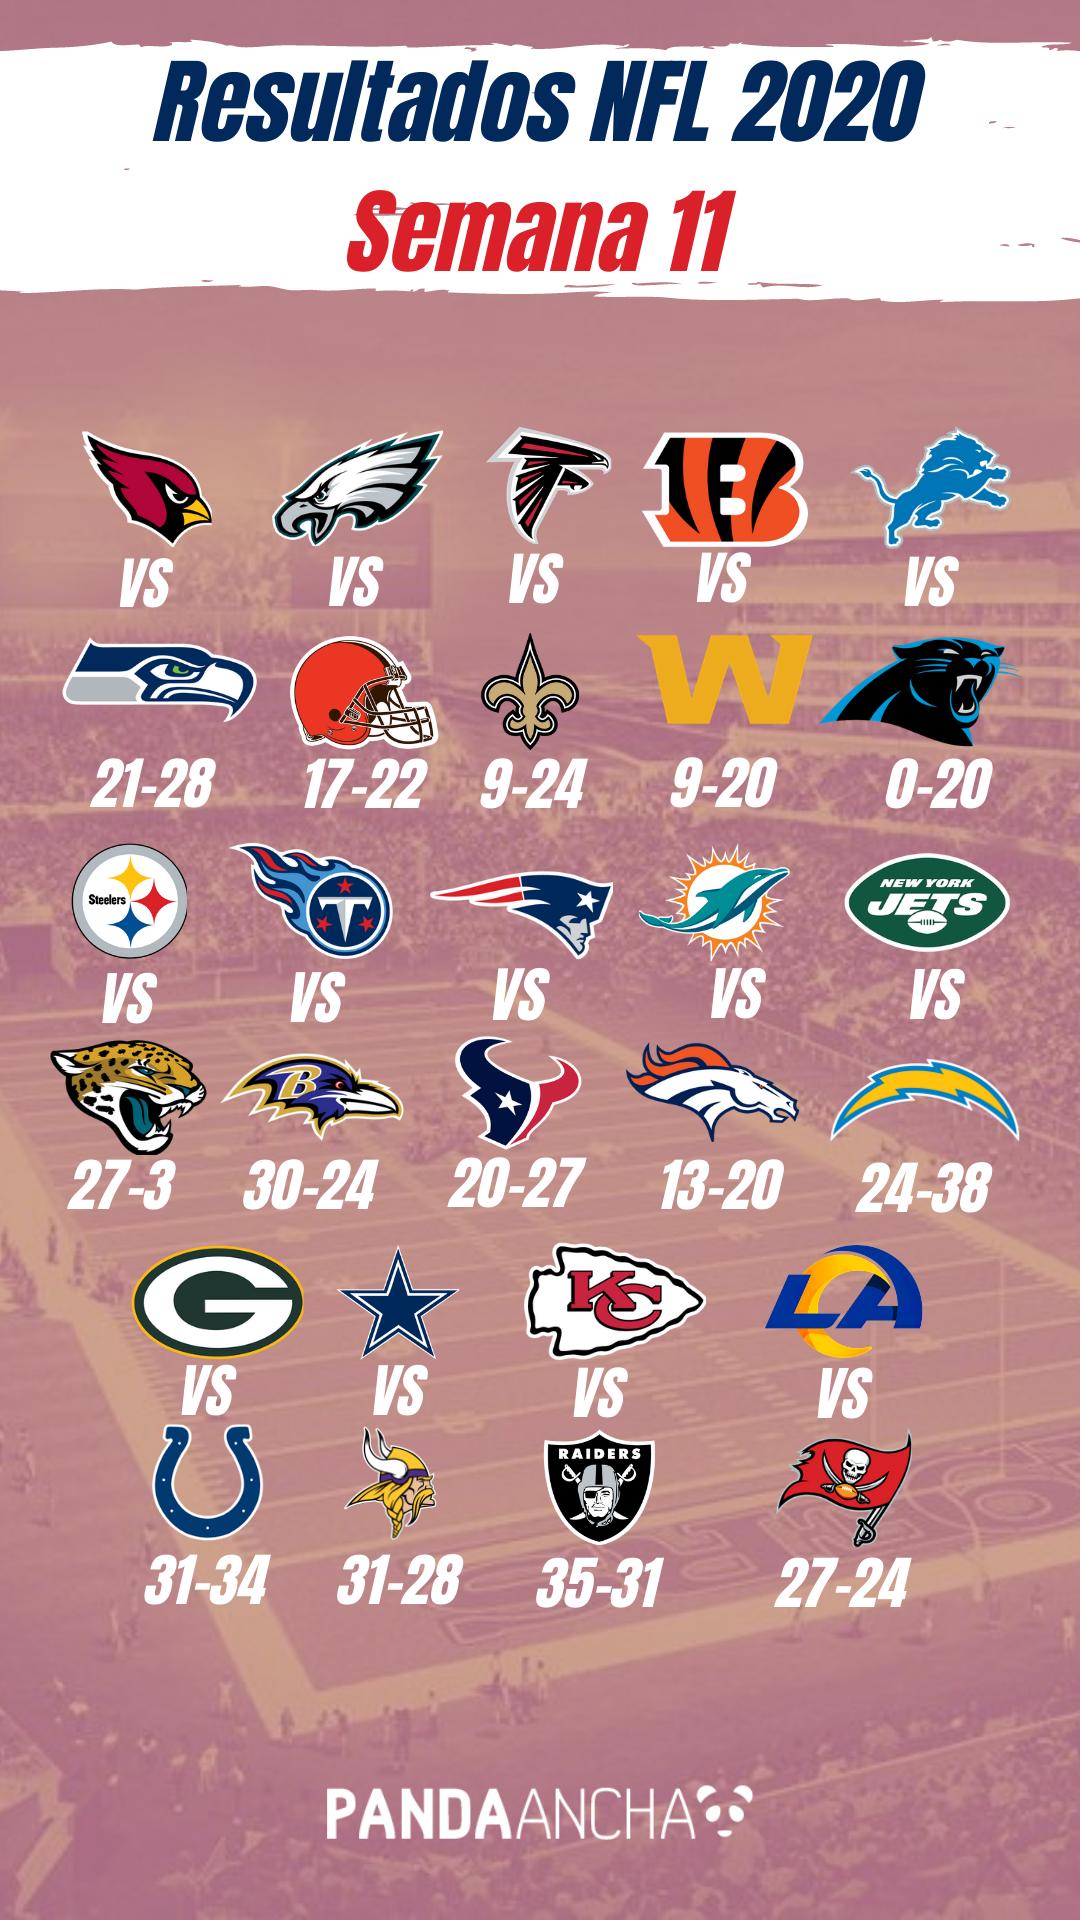 Resultados de la Semana 11 de la Temporada NFL 2020